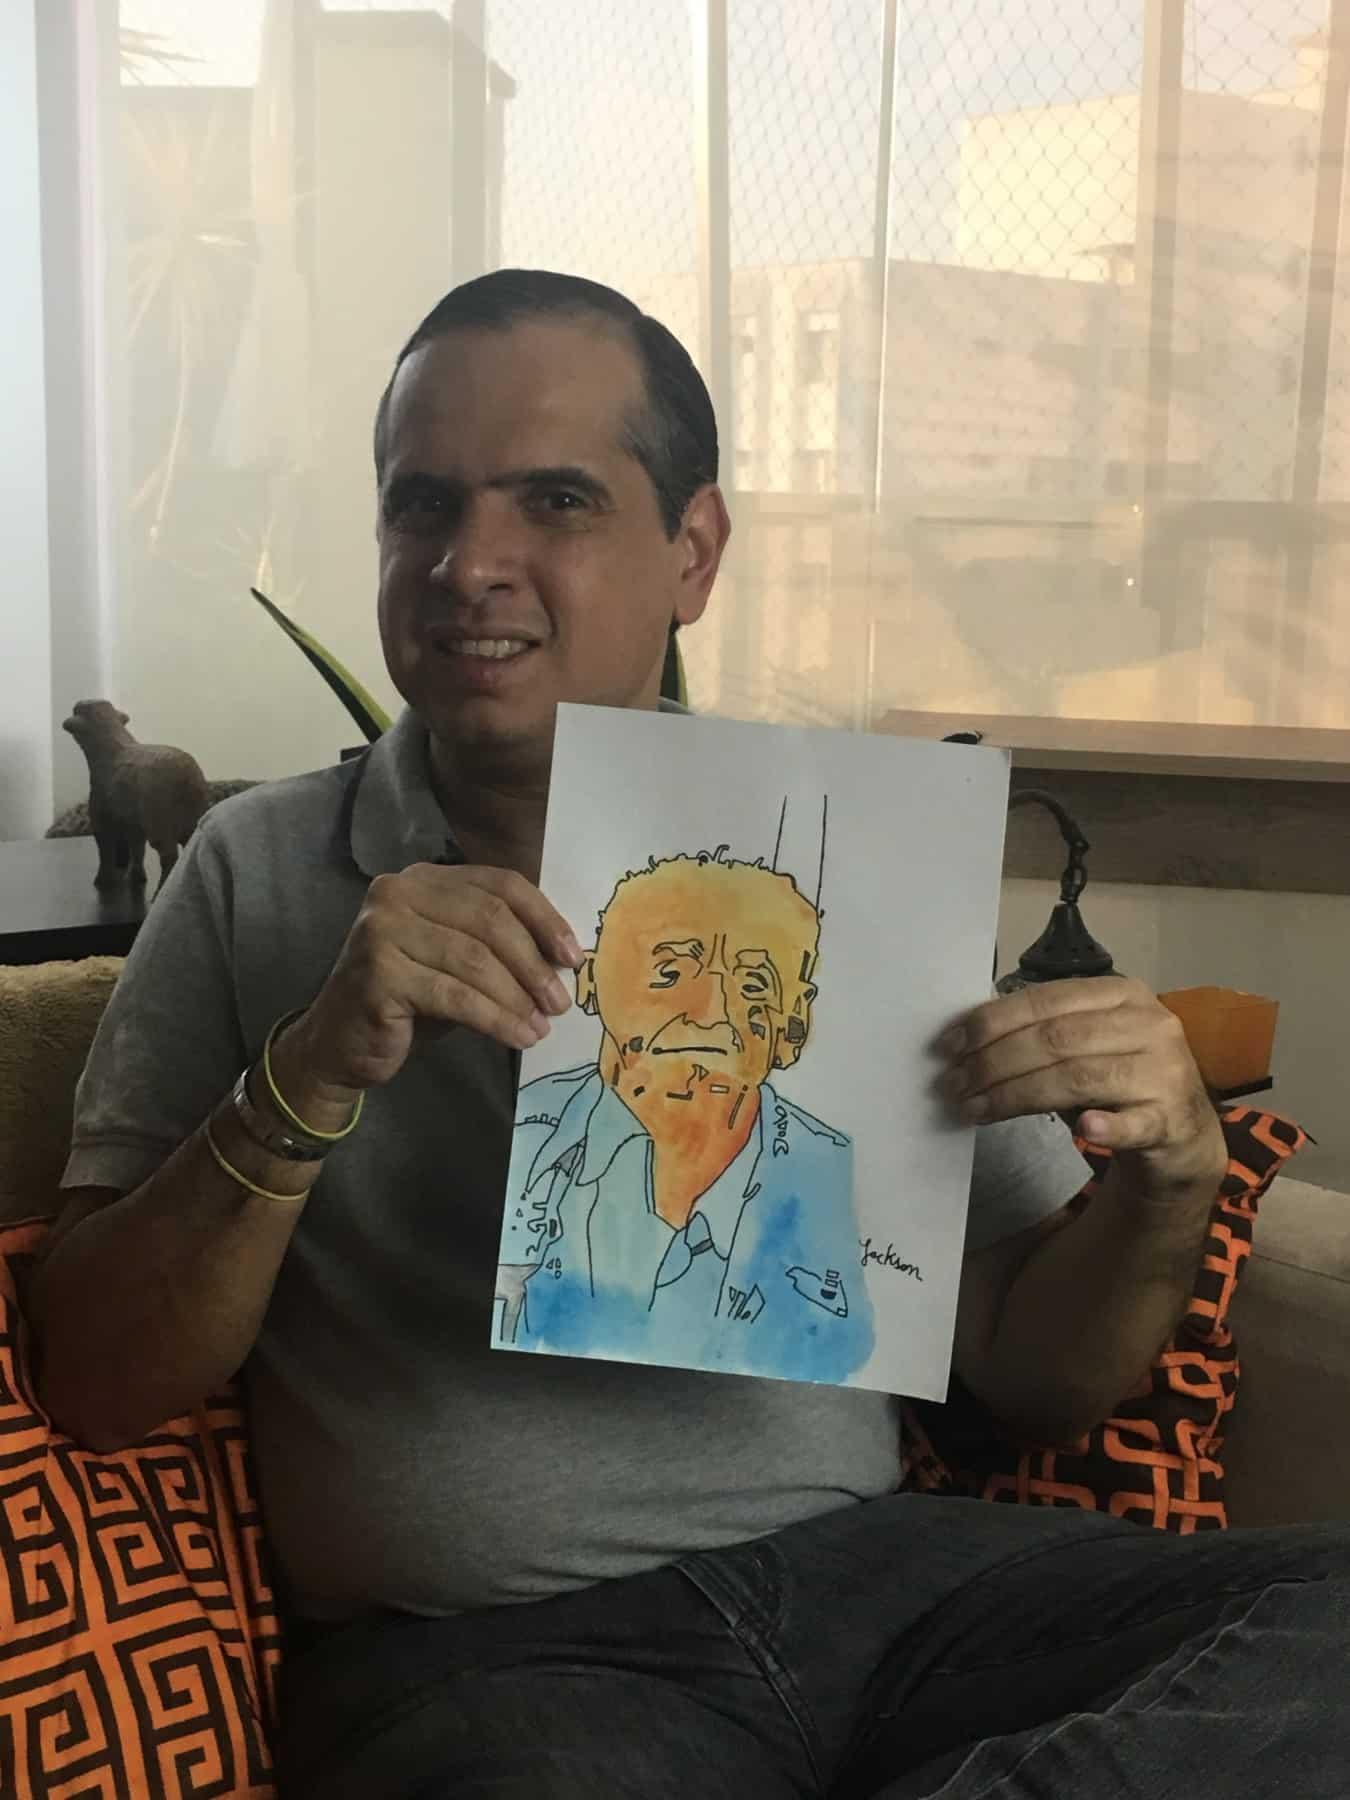 Jackson santana - Jackson Santana retrata personalidades nordestinas em mostra